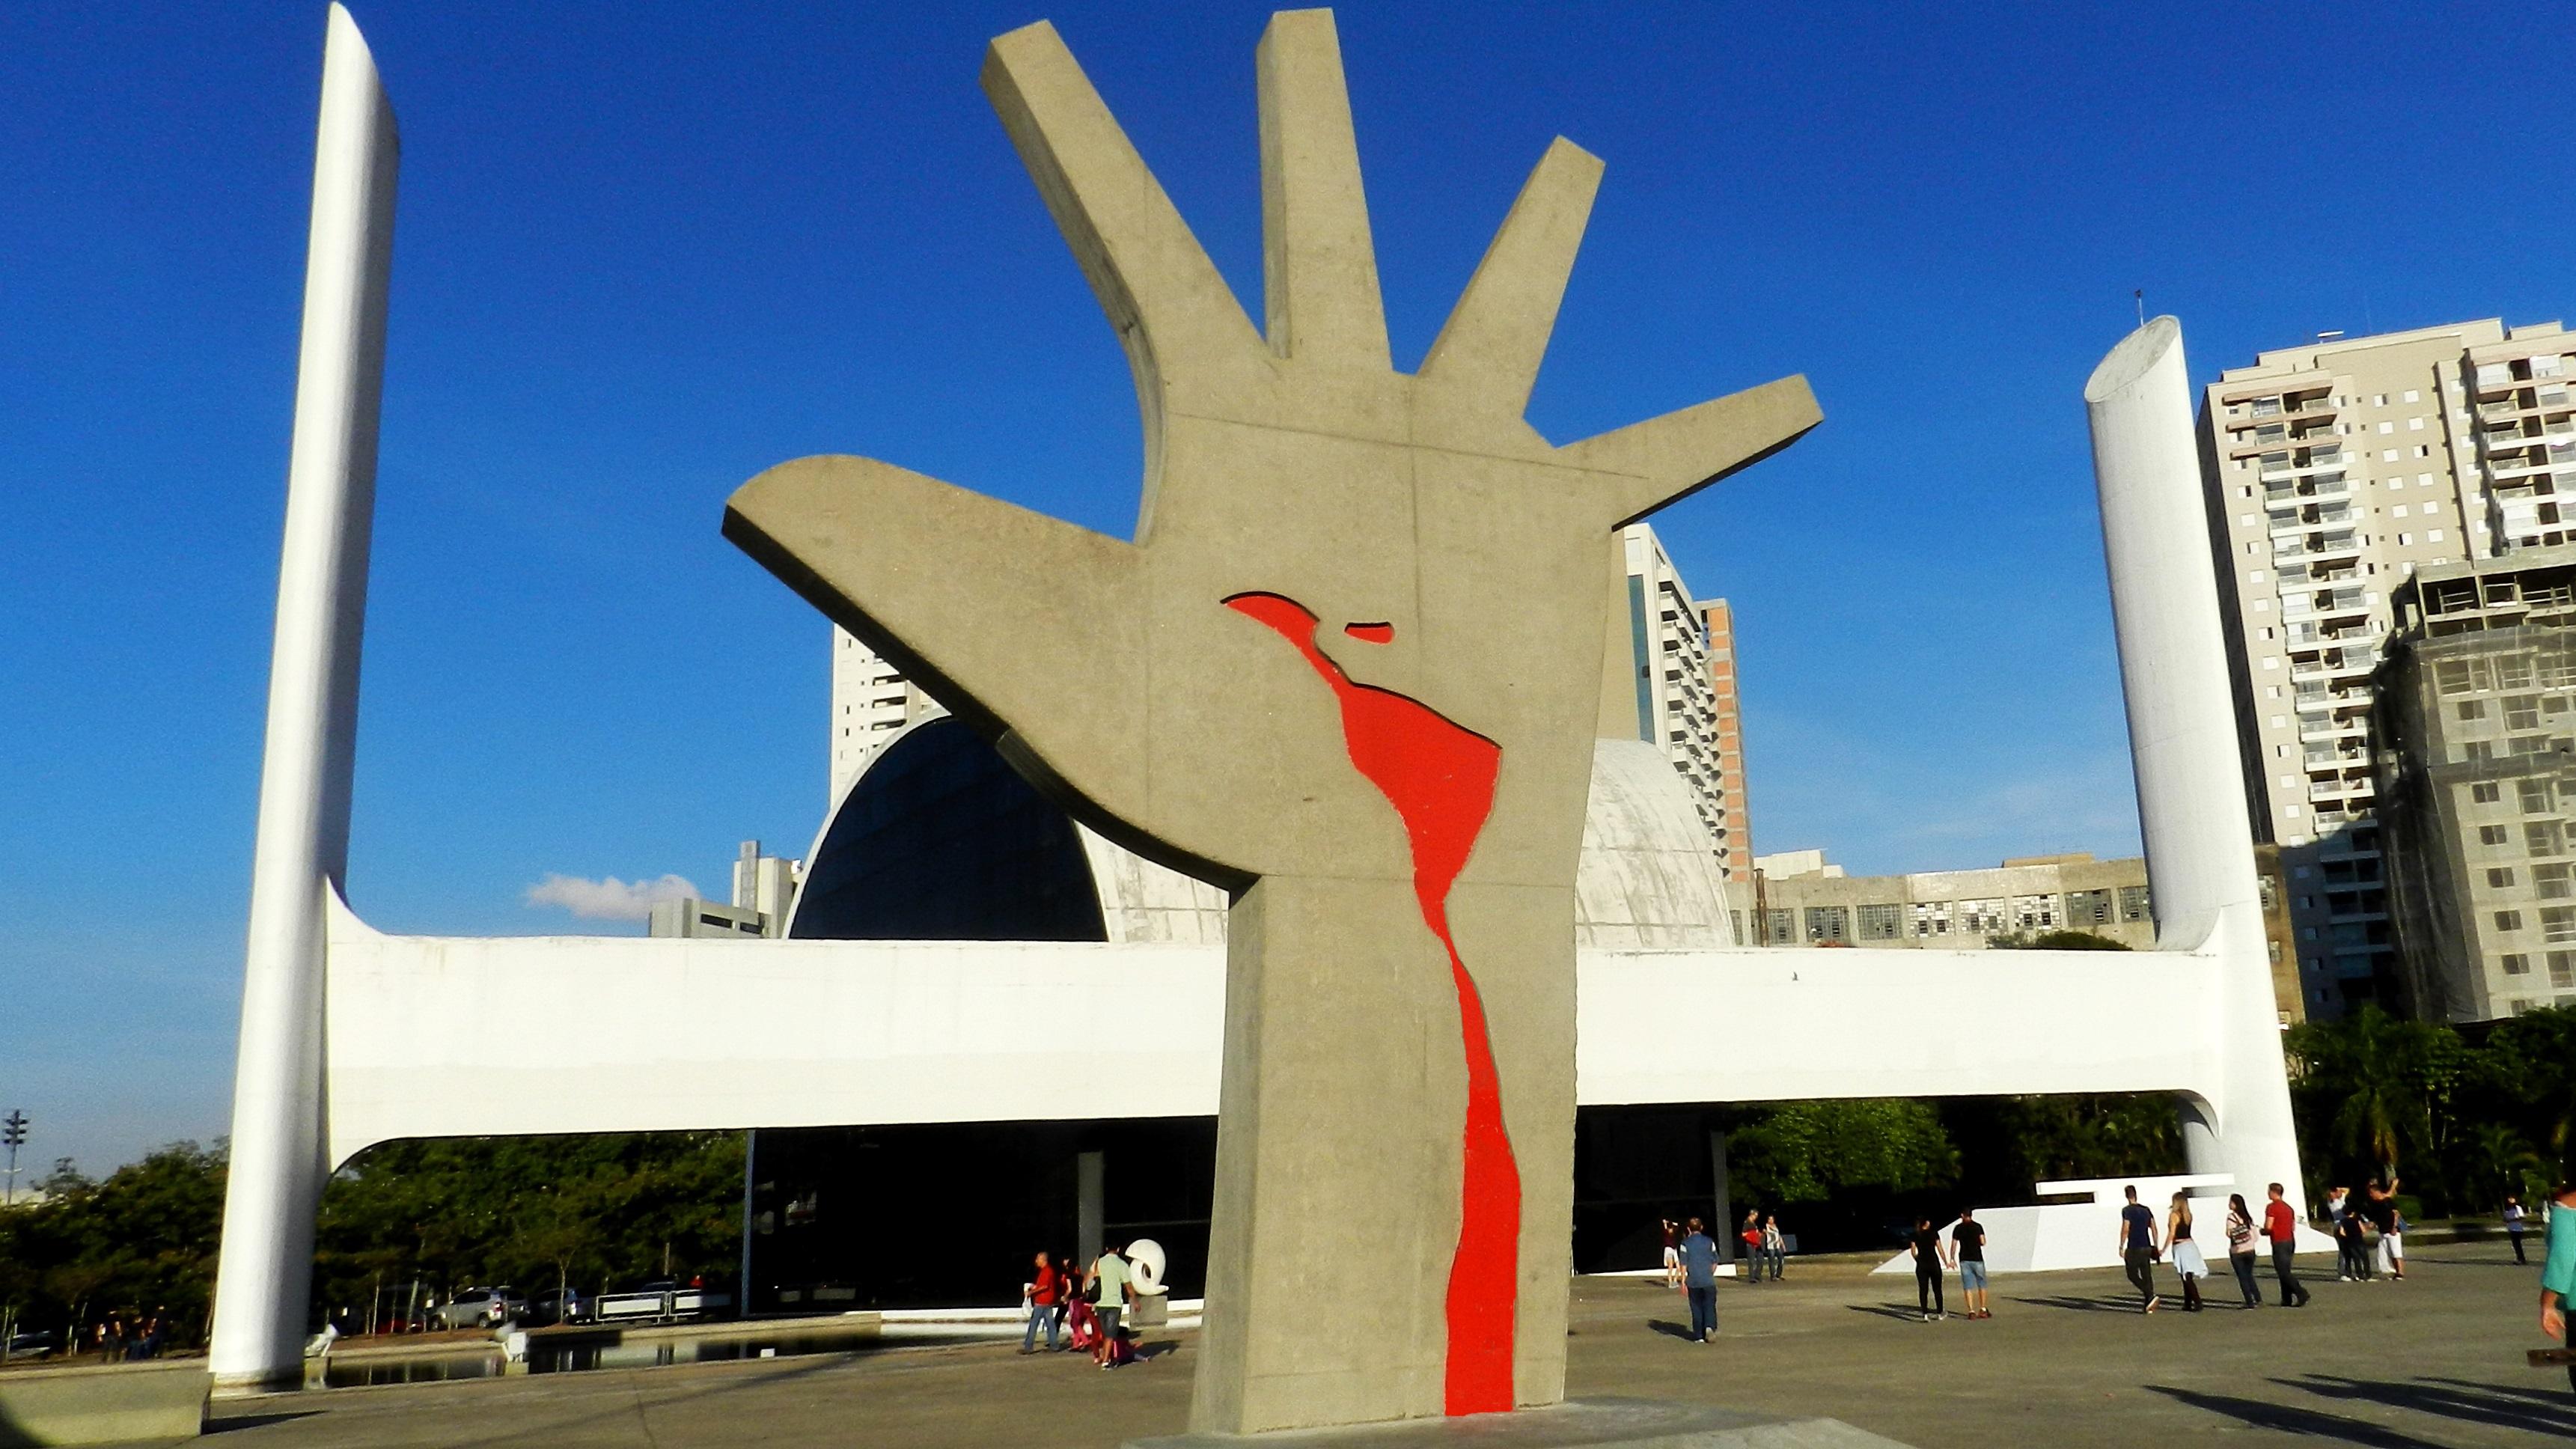 Memorial completa 30 anos com desafio de atrair público